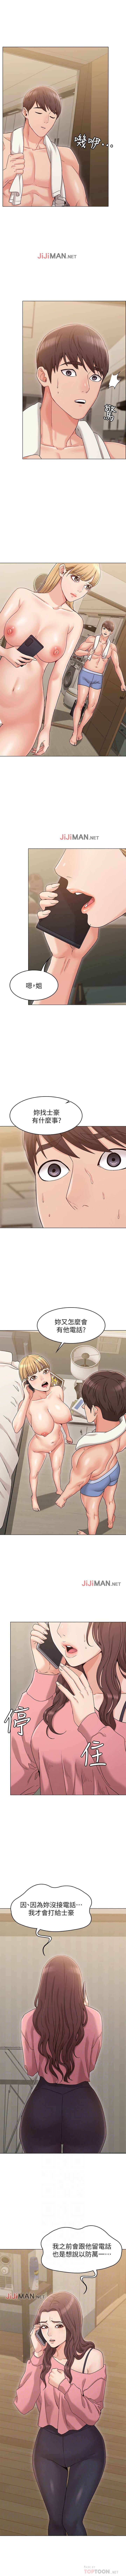 【周六连载】女友的姐姐(作者:橡果人&獵狗) 第1~23话 112